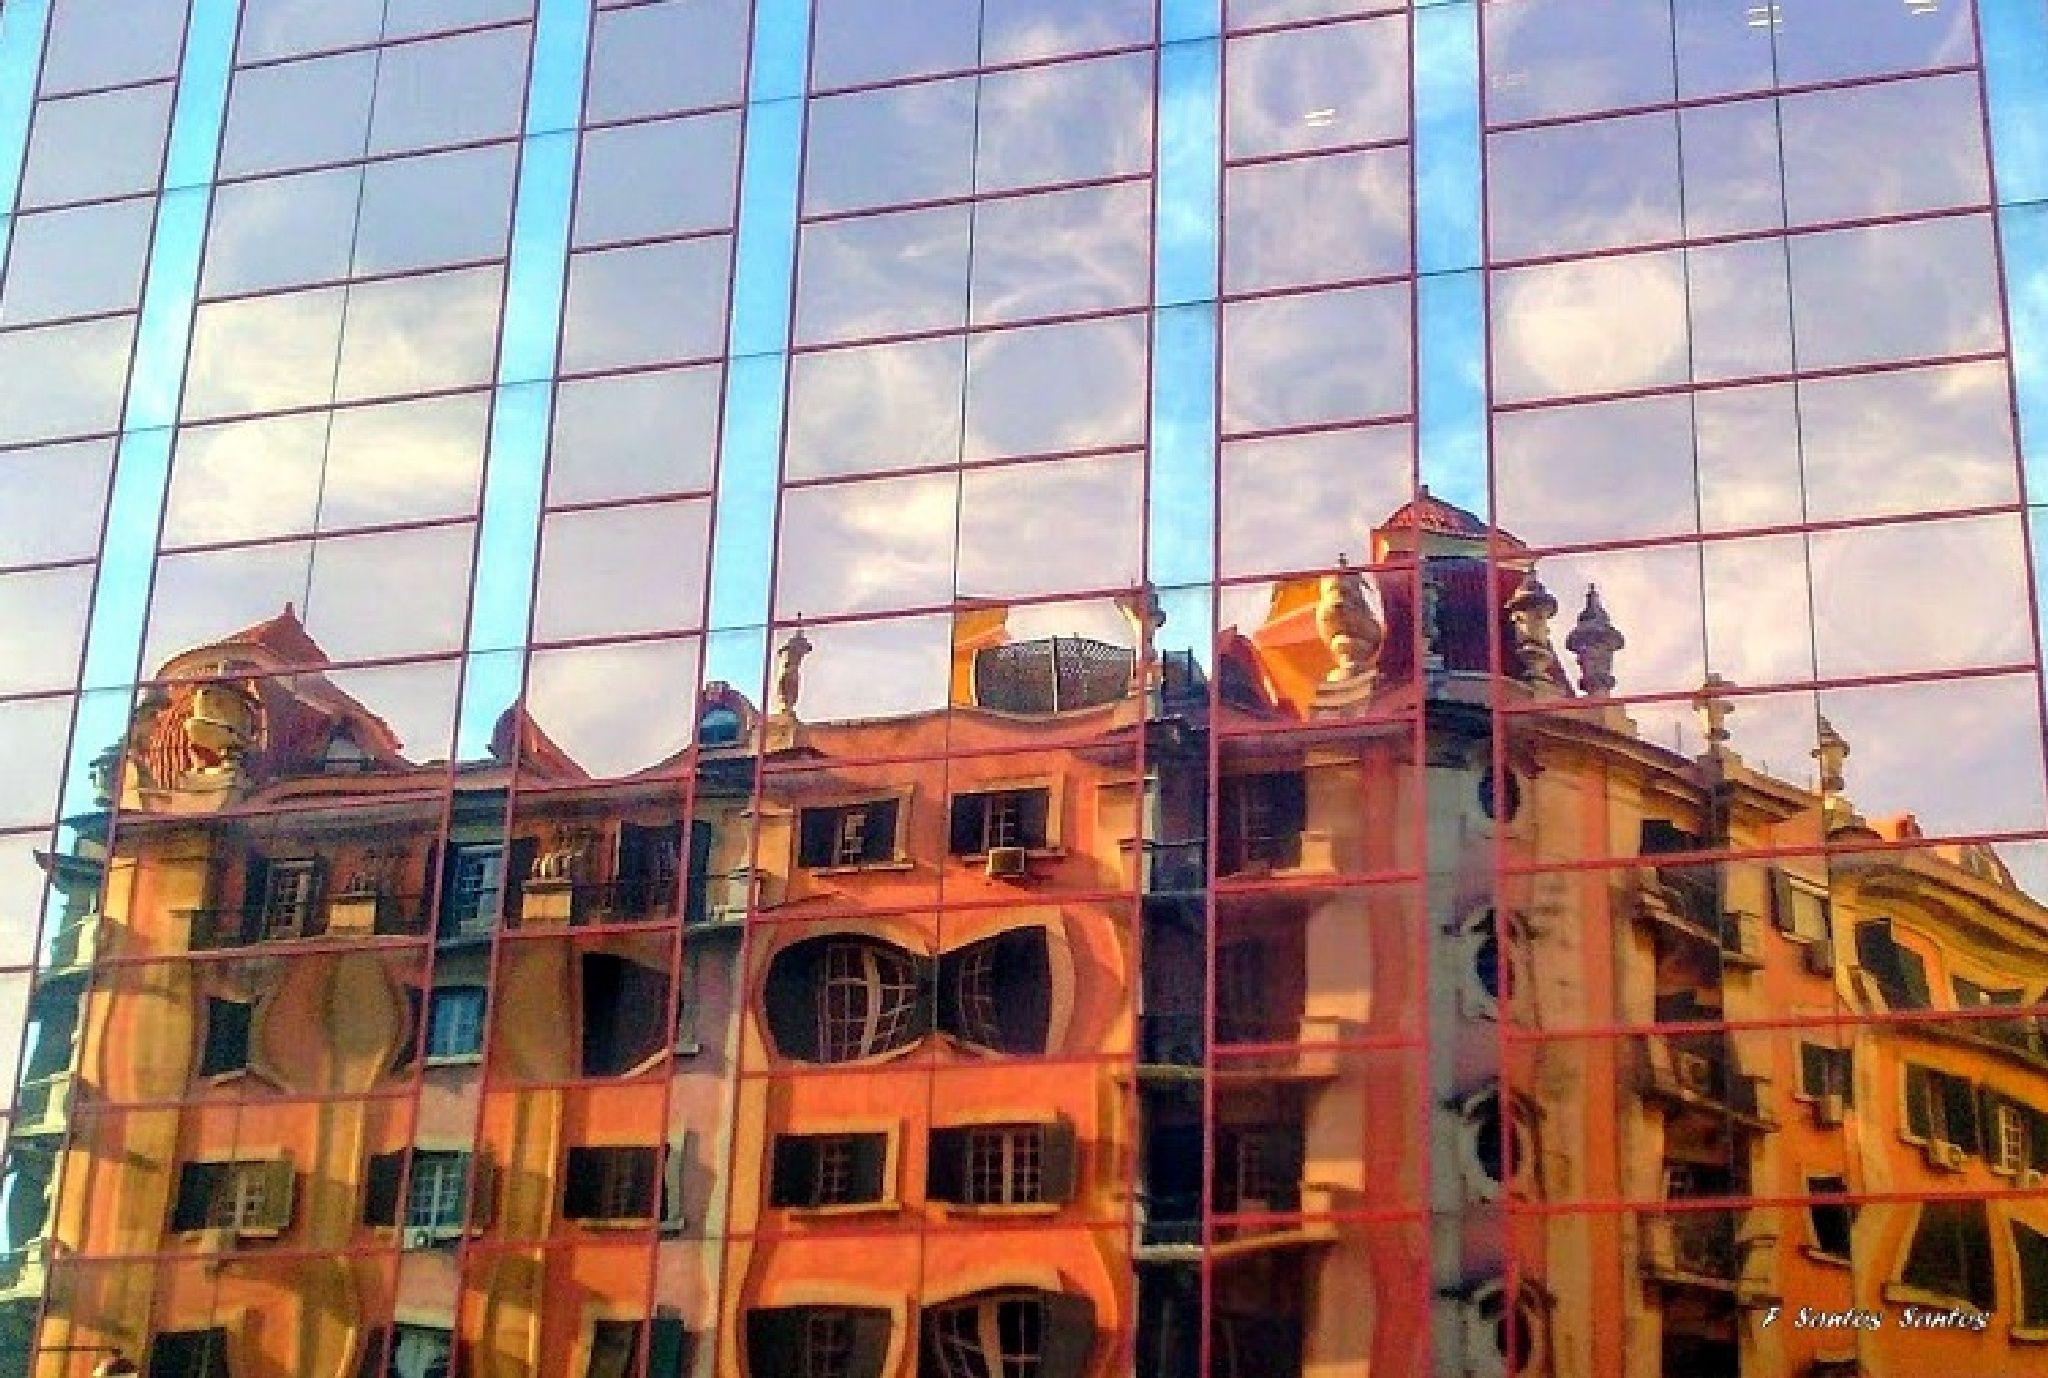 Reflexos em lisboa . . . com smartphone - Reflexo de edificio antigo de Lisboa num edificio moderno. Avenida Praia da Vitória.